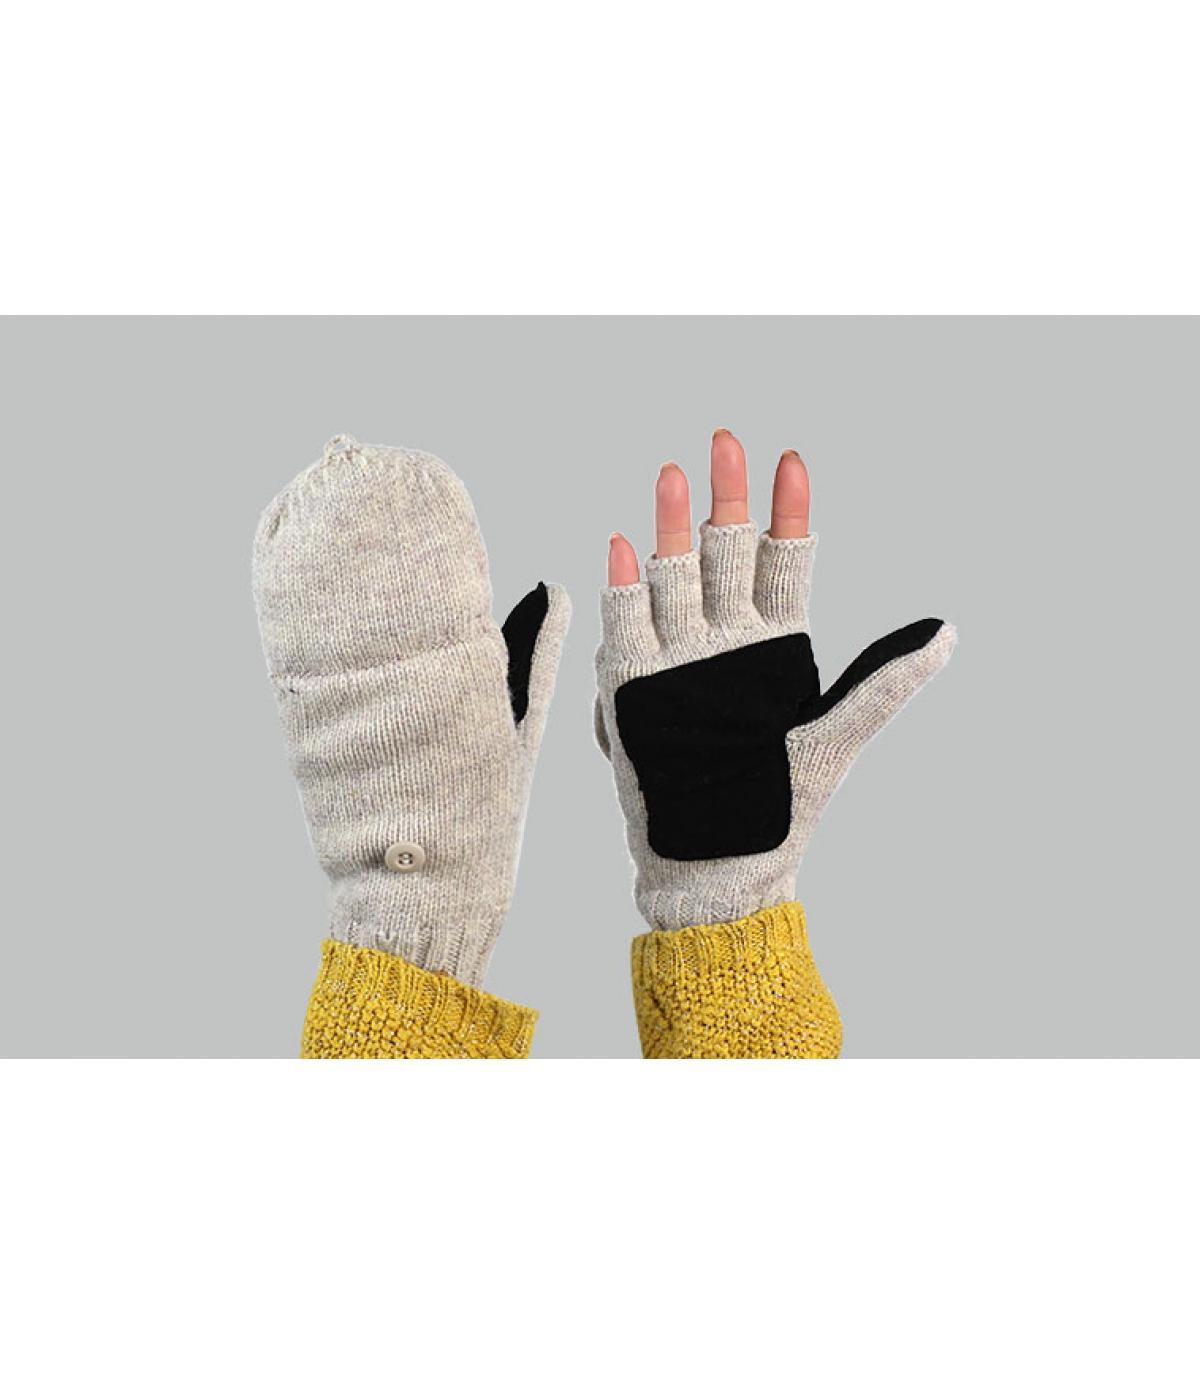 Halbfingerhandschuh Damen grau